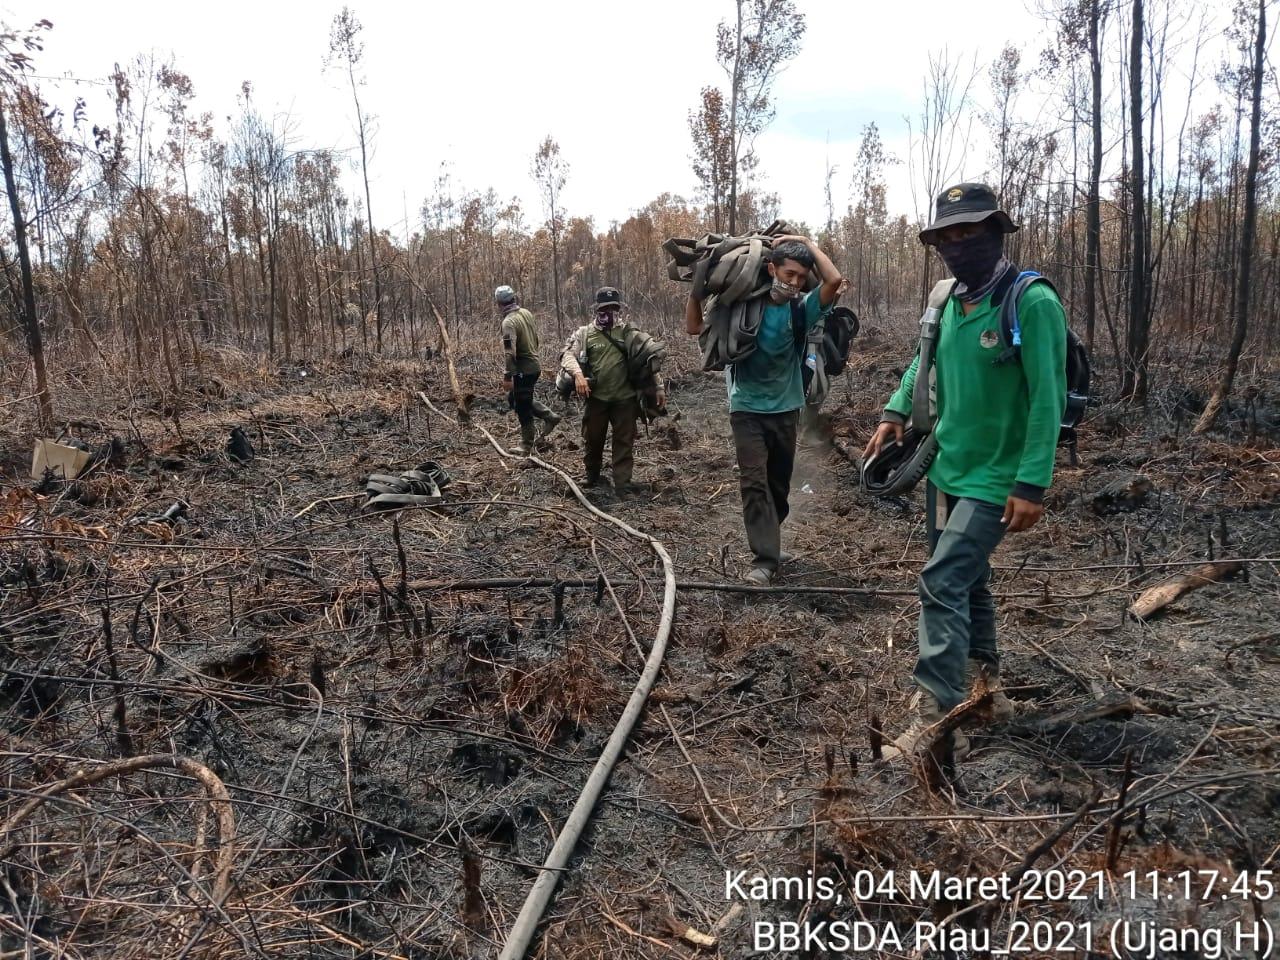 DOK BKSDA Riau